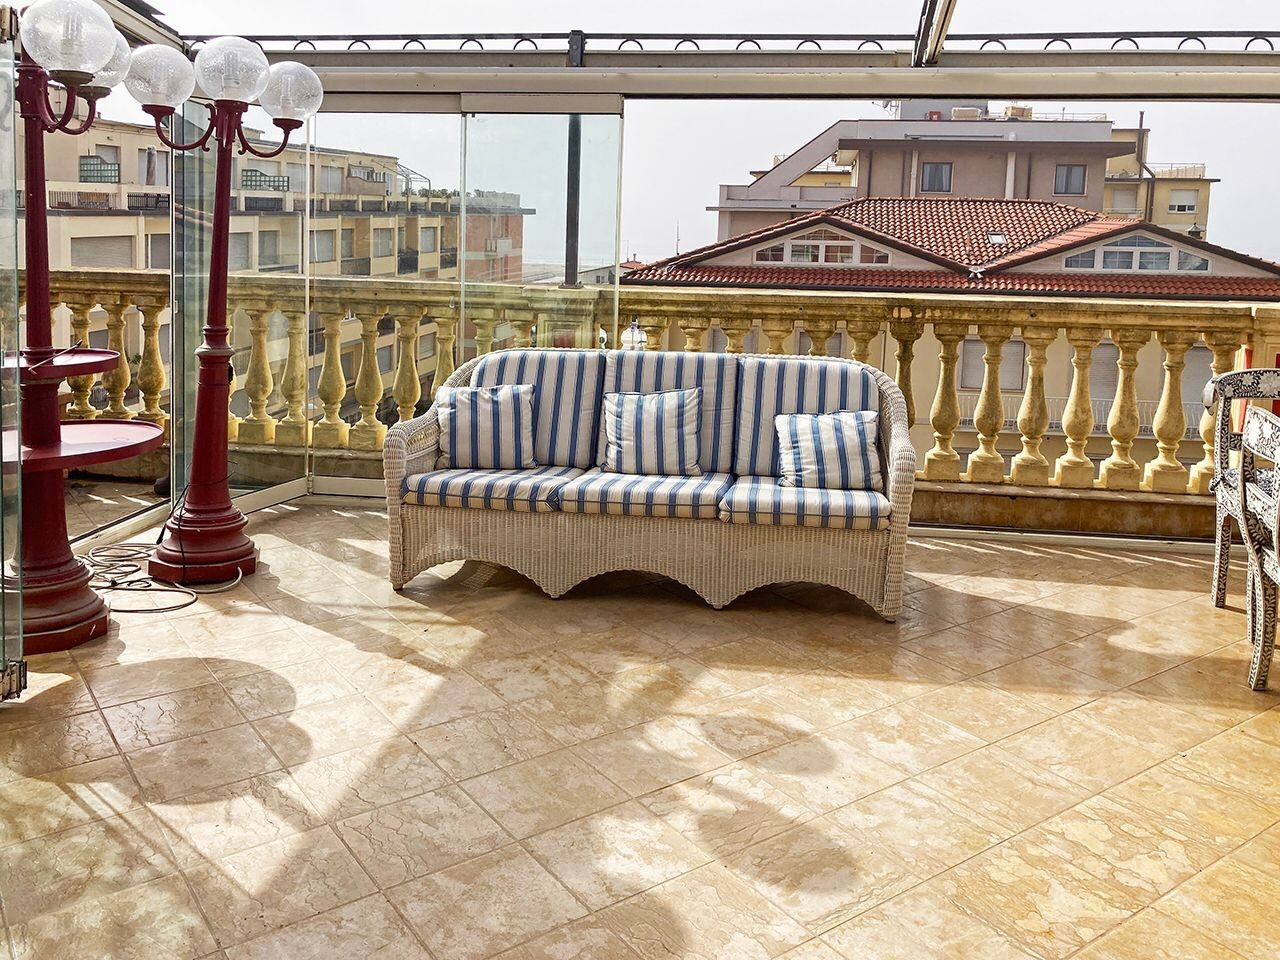 Attico / Mansarda in vendita a Camaiore, 7 locali, prezzo € 1.150.000 | PortaleAgenzieImmobiliari.it